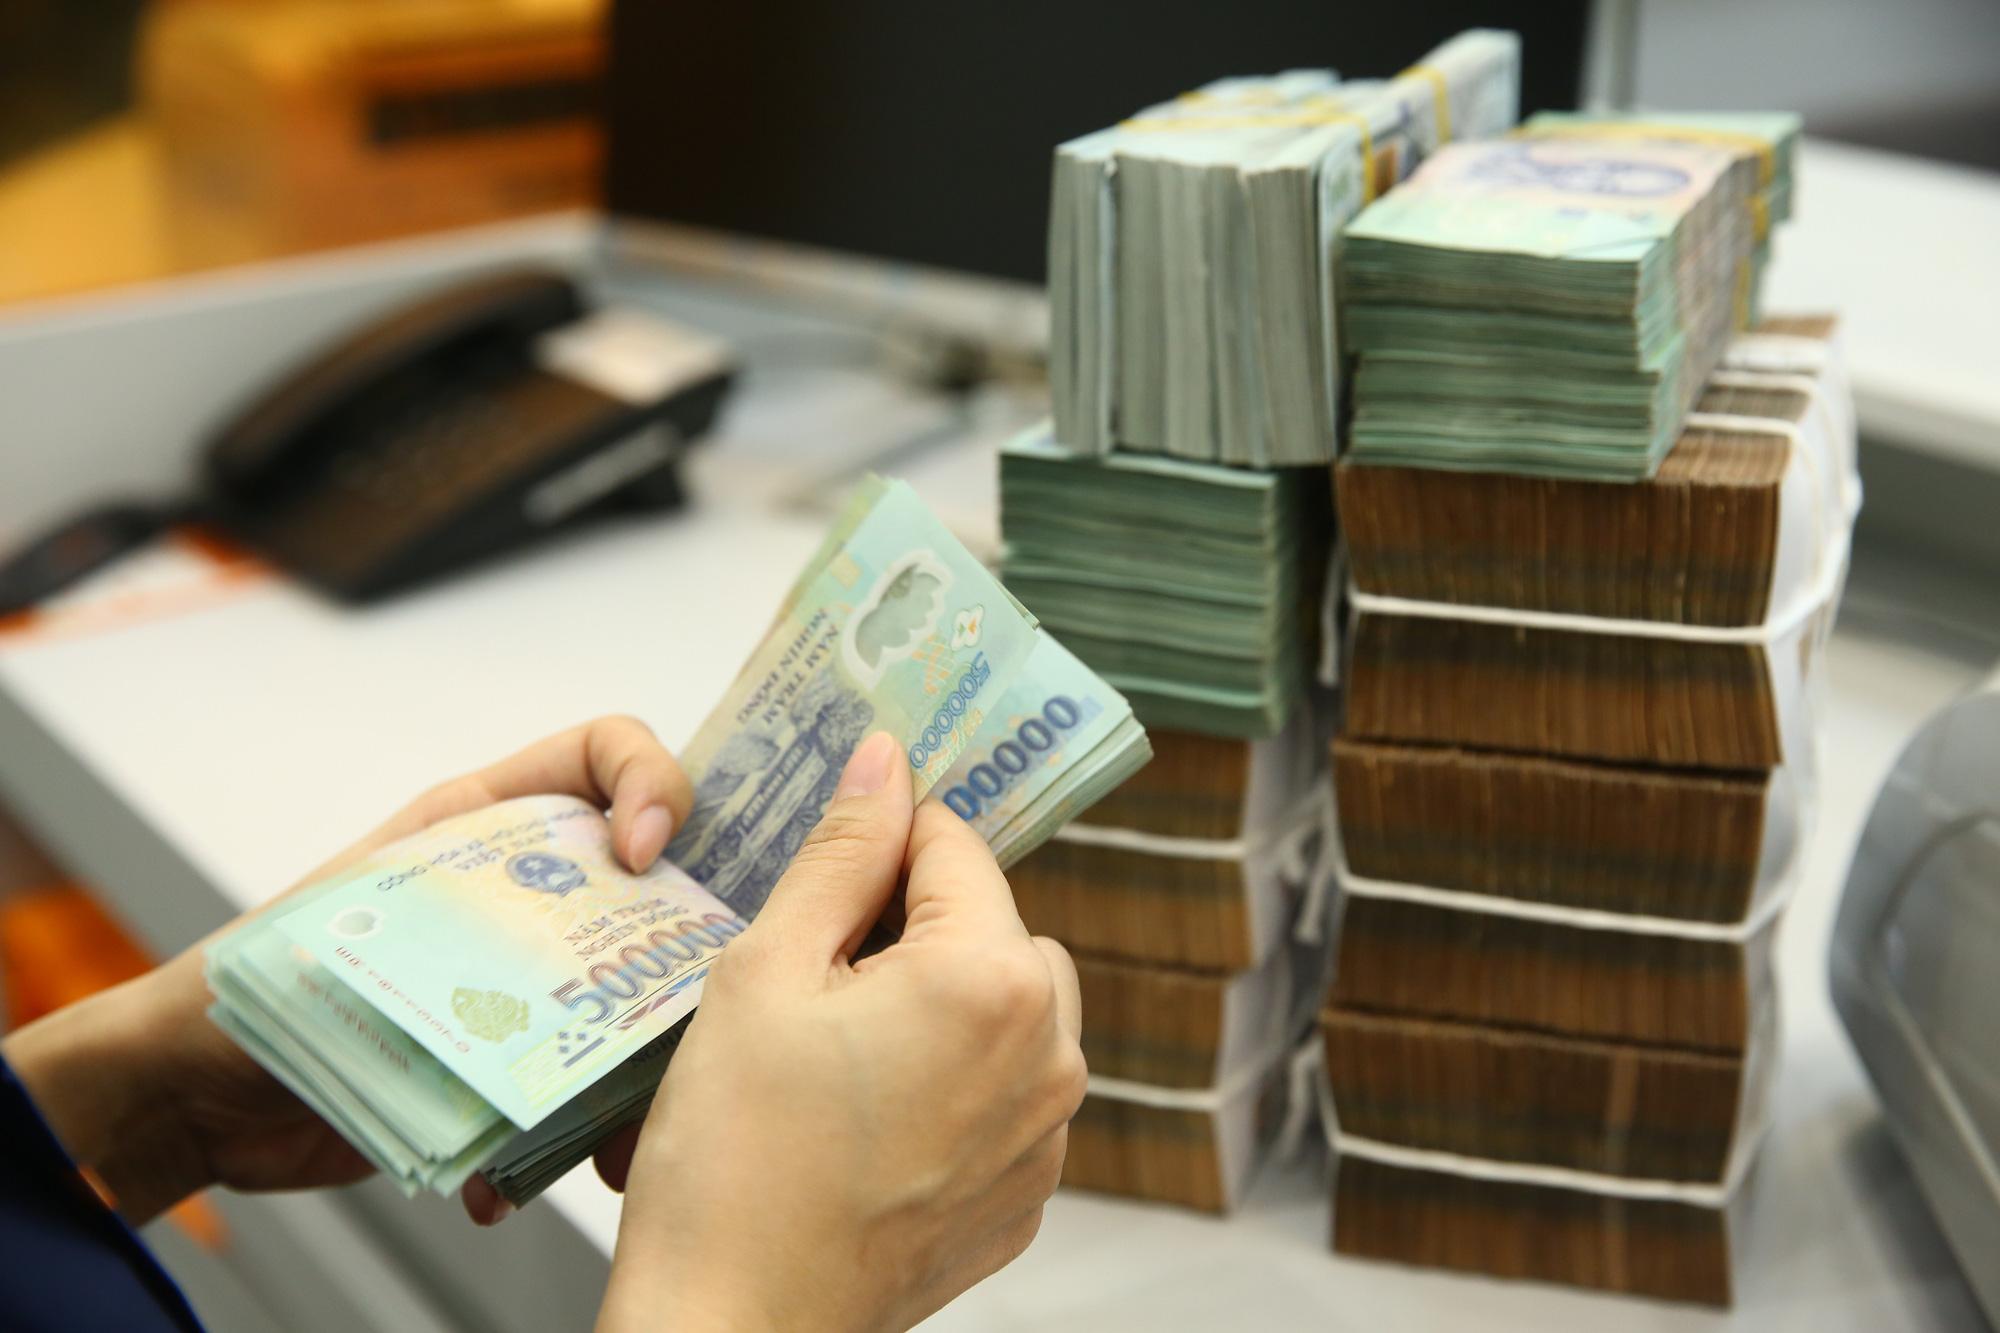 Nợ thẻ tín dụng hơn 6 triệu, 7 năm sau bị đòi gần 60 triệu đồng - Ảnh 1.